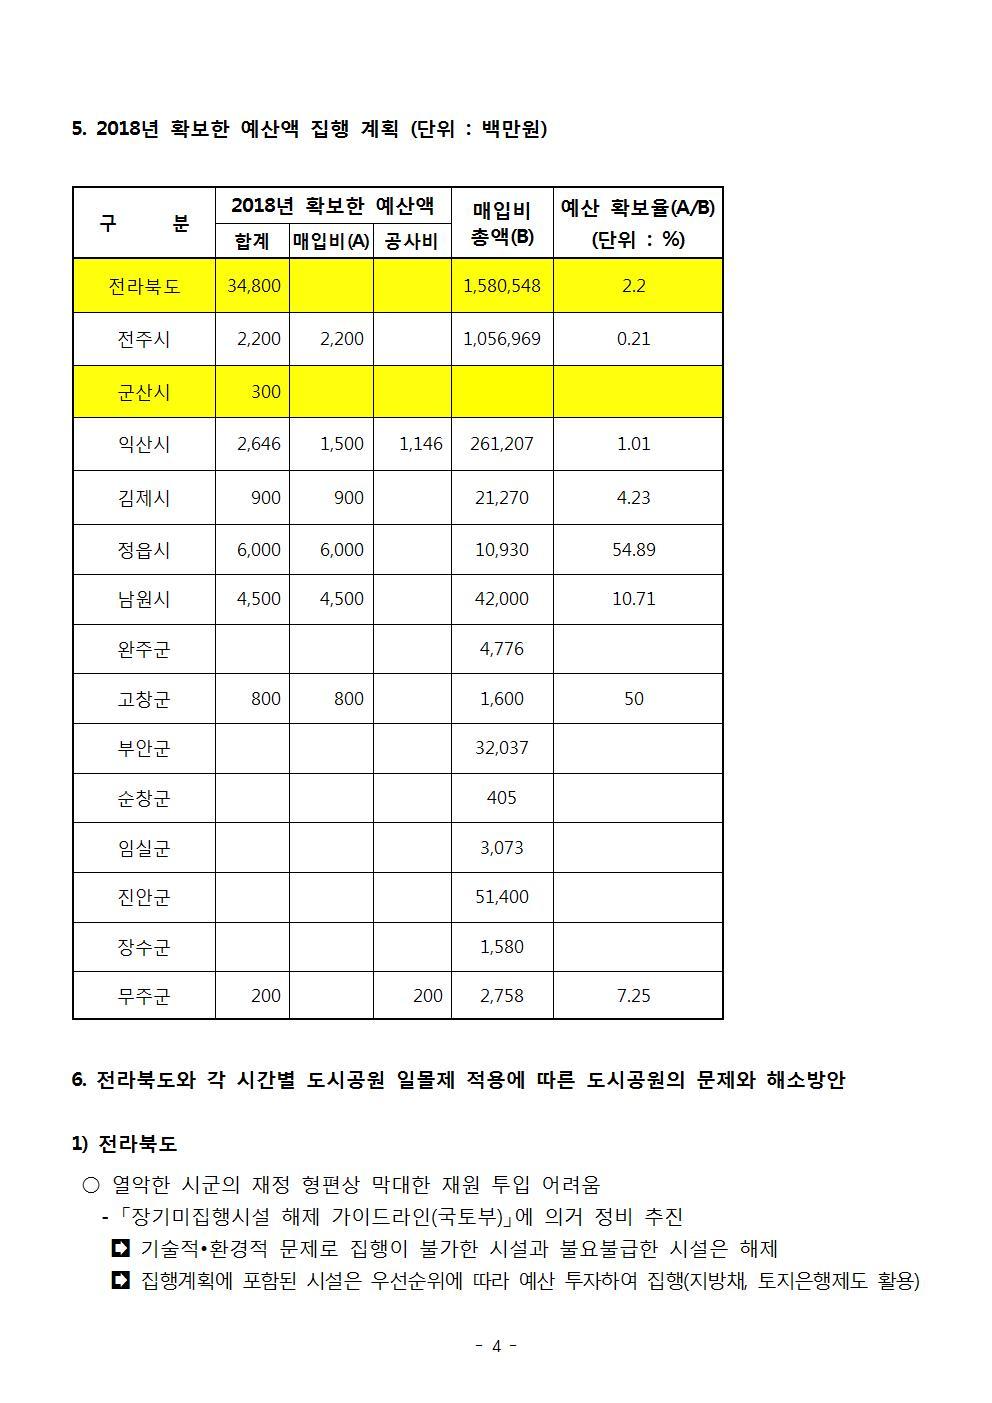 20180210-전북의 도시공원  현황_2차 자료 정리004.jpg